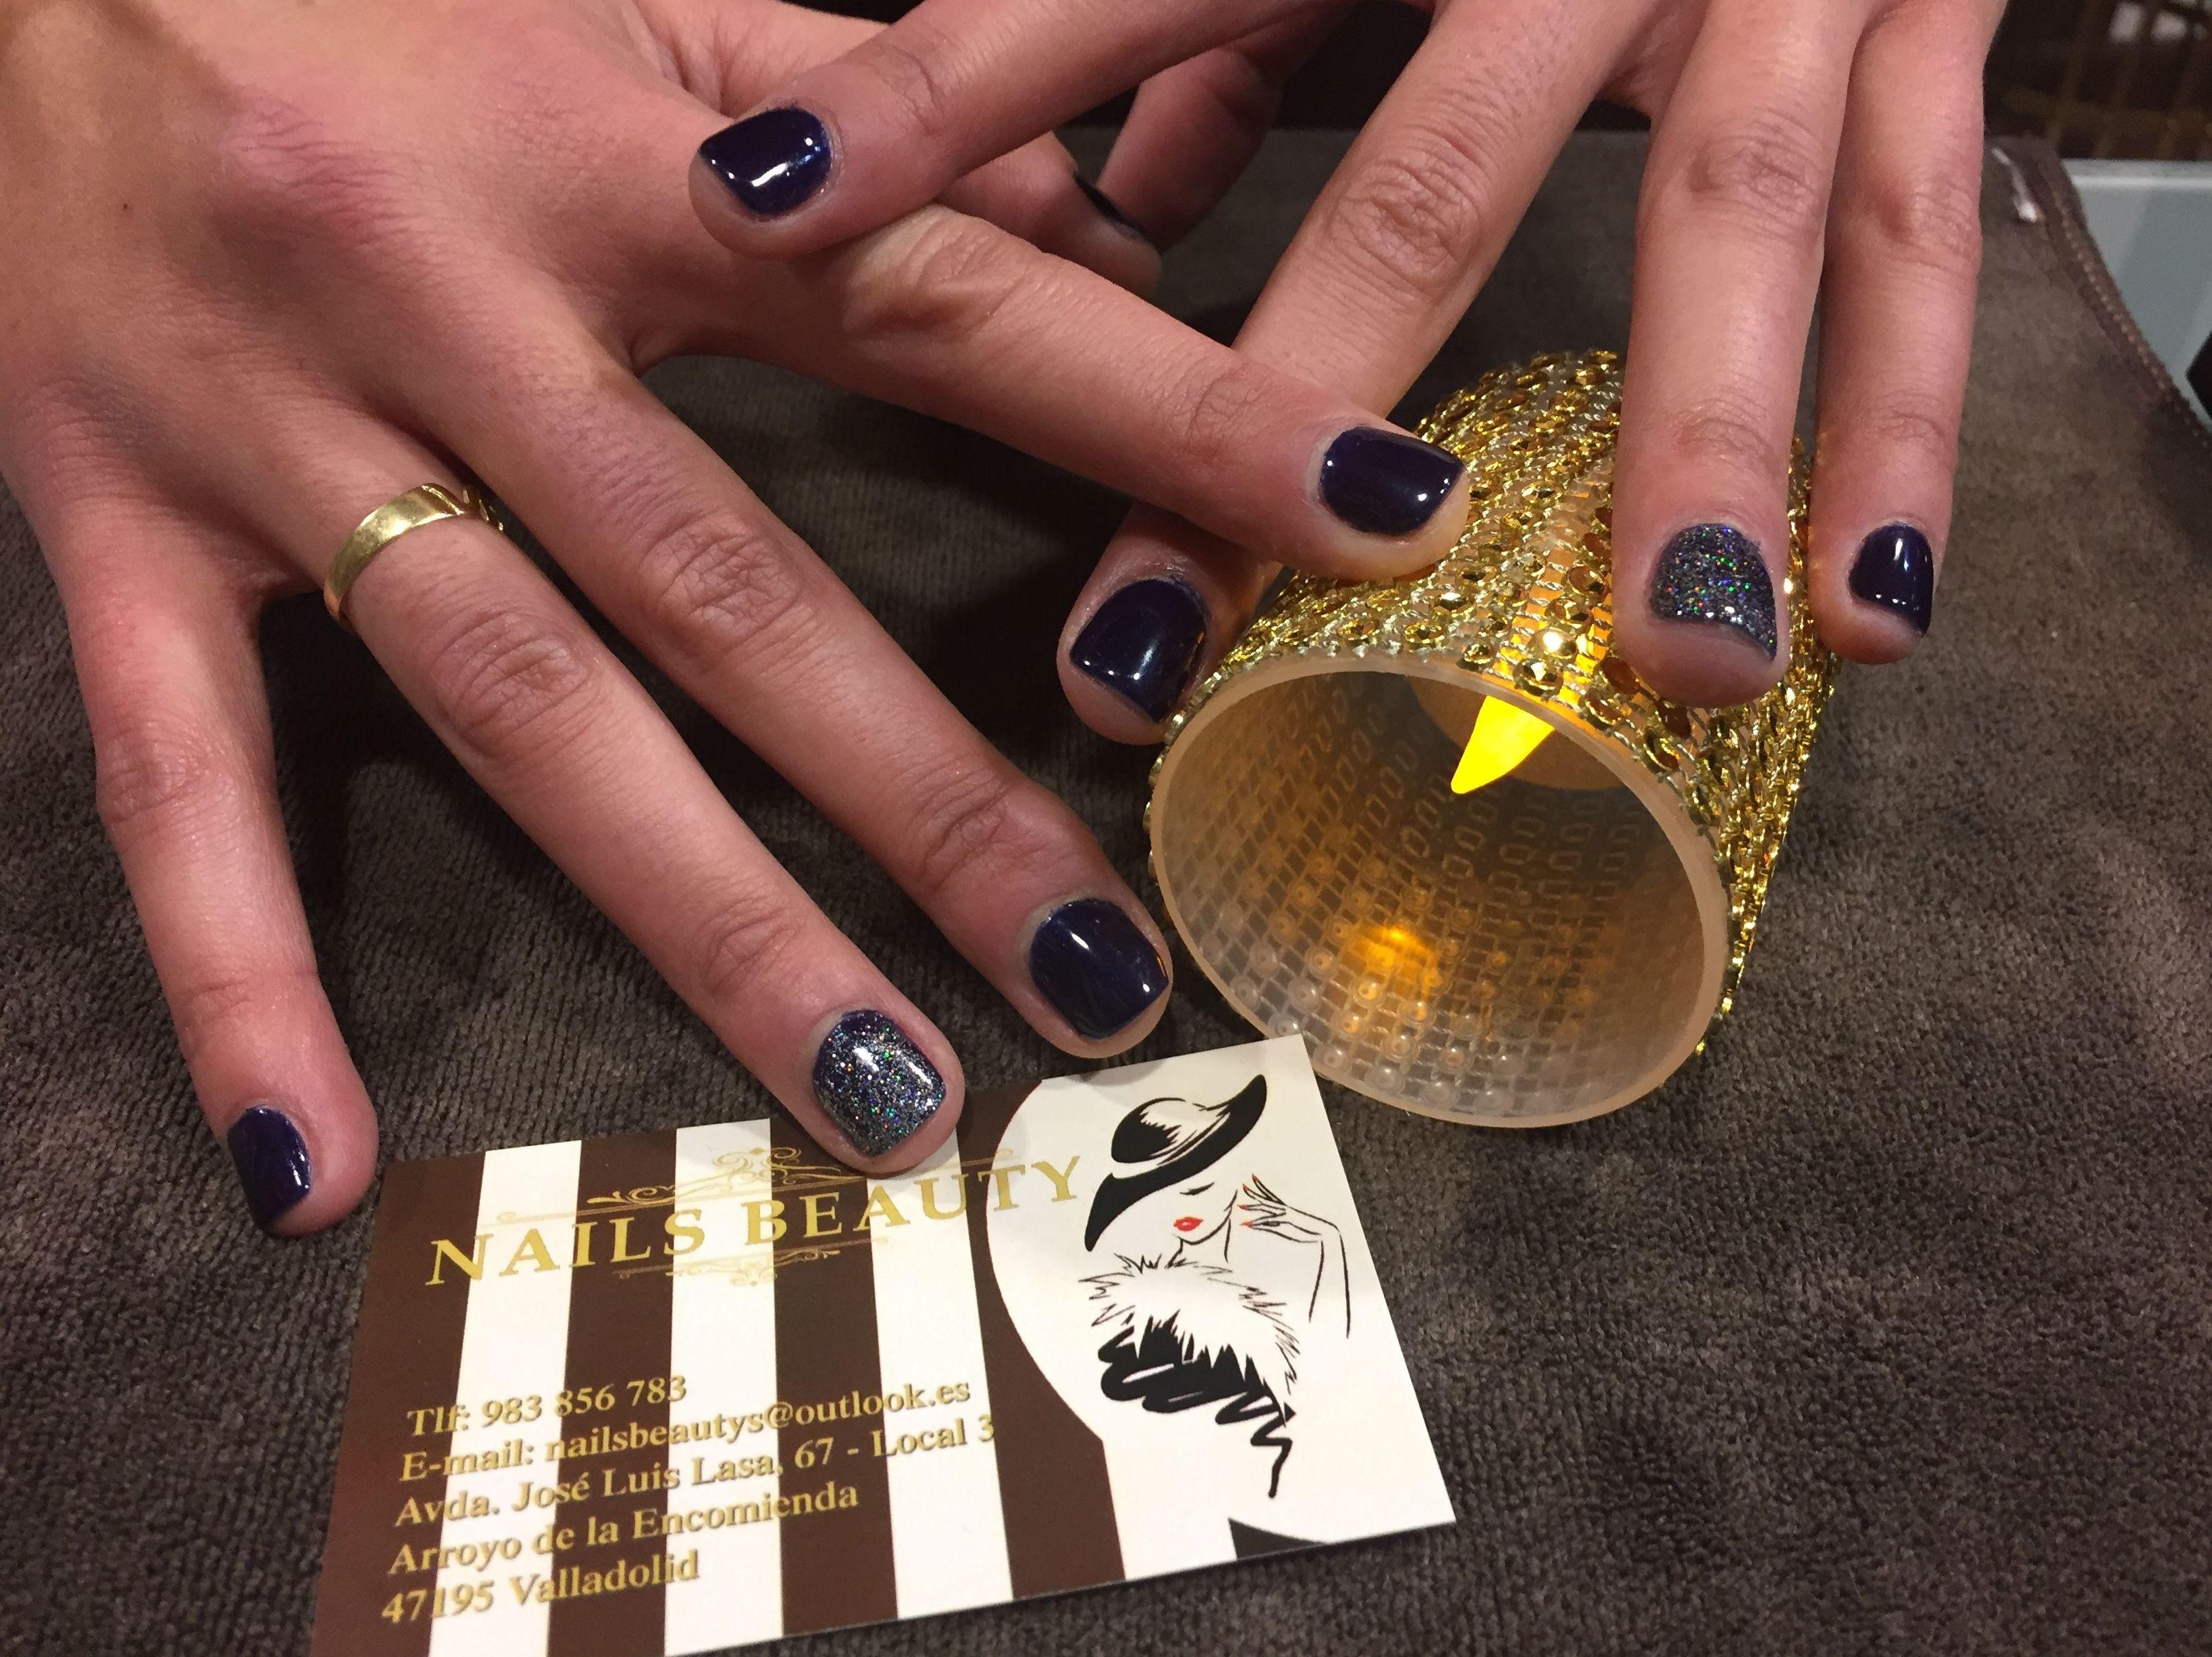 Foto 90 de Uñas esculpidas y de porcelana en Arroyo de la Encomienda | Nails Beauty